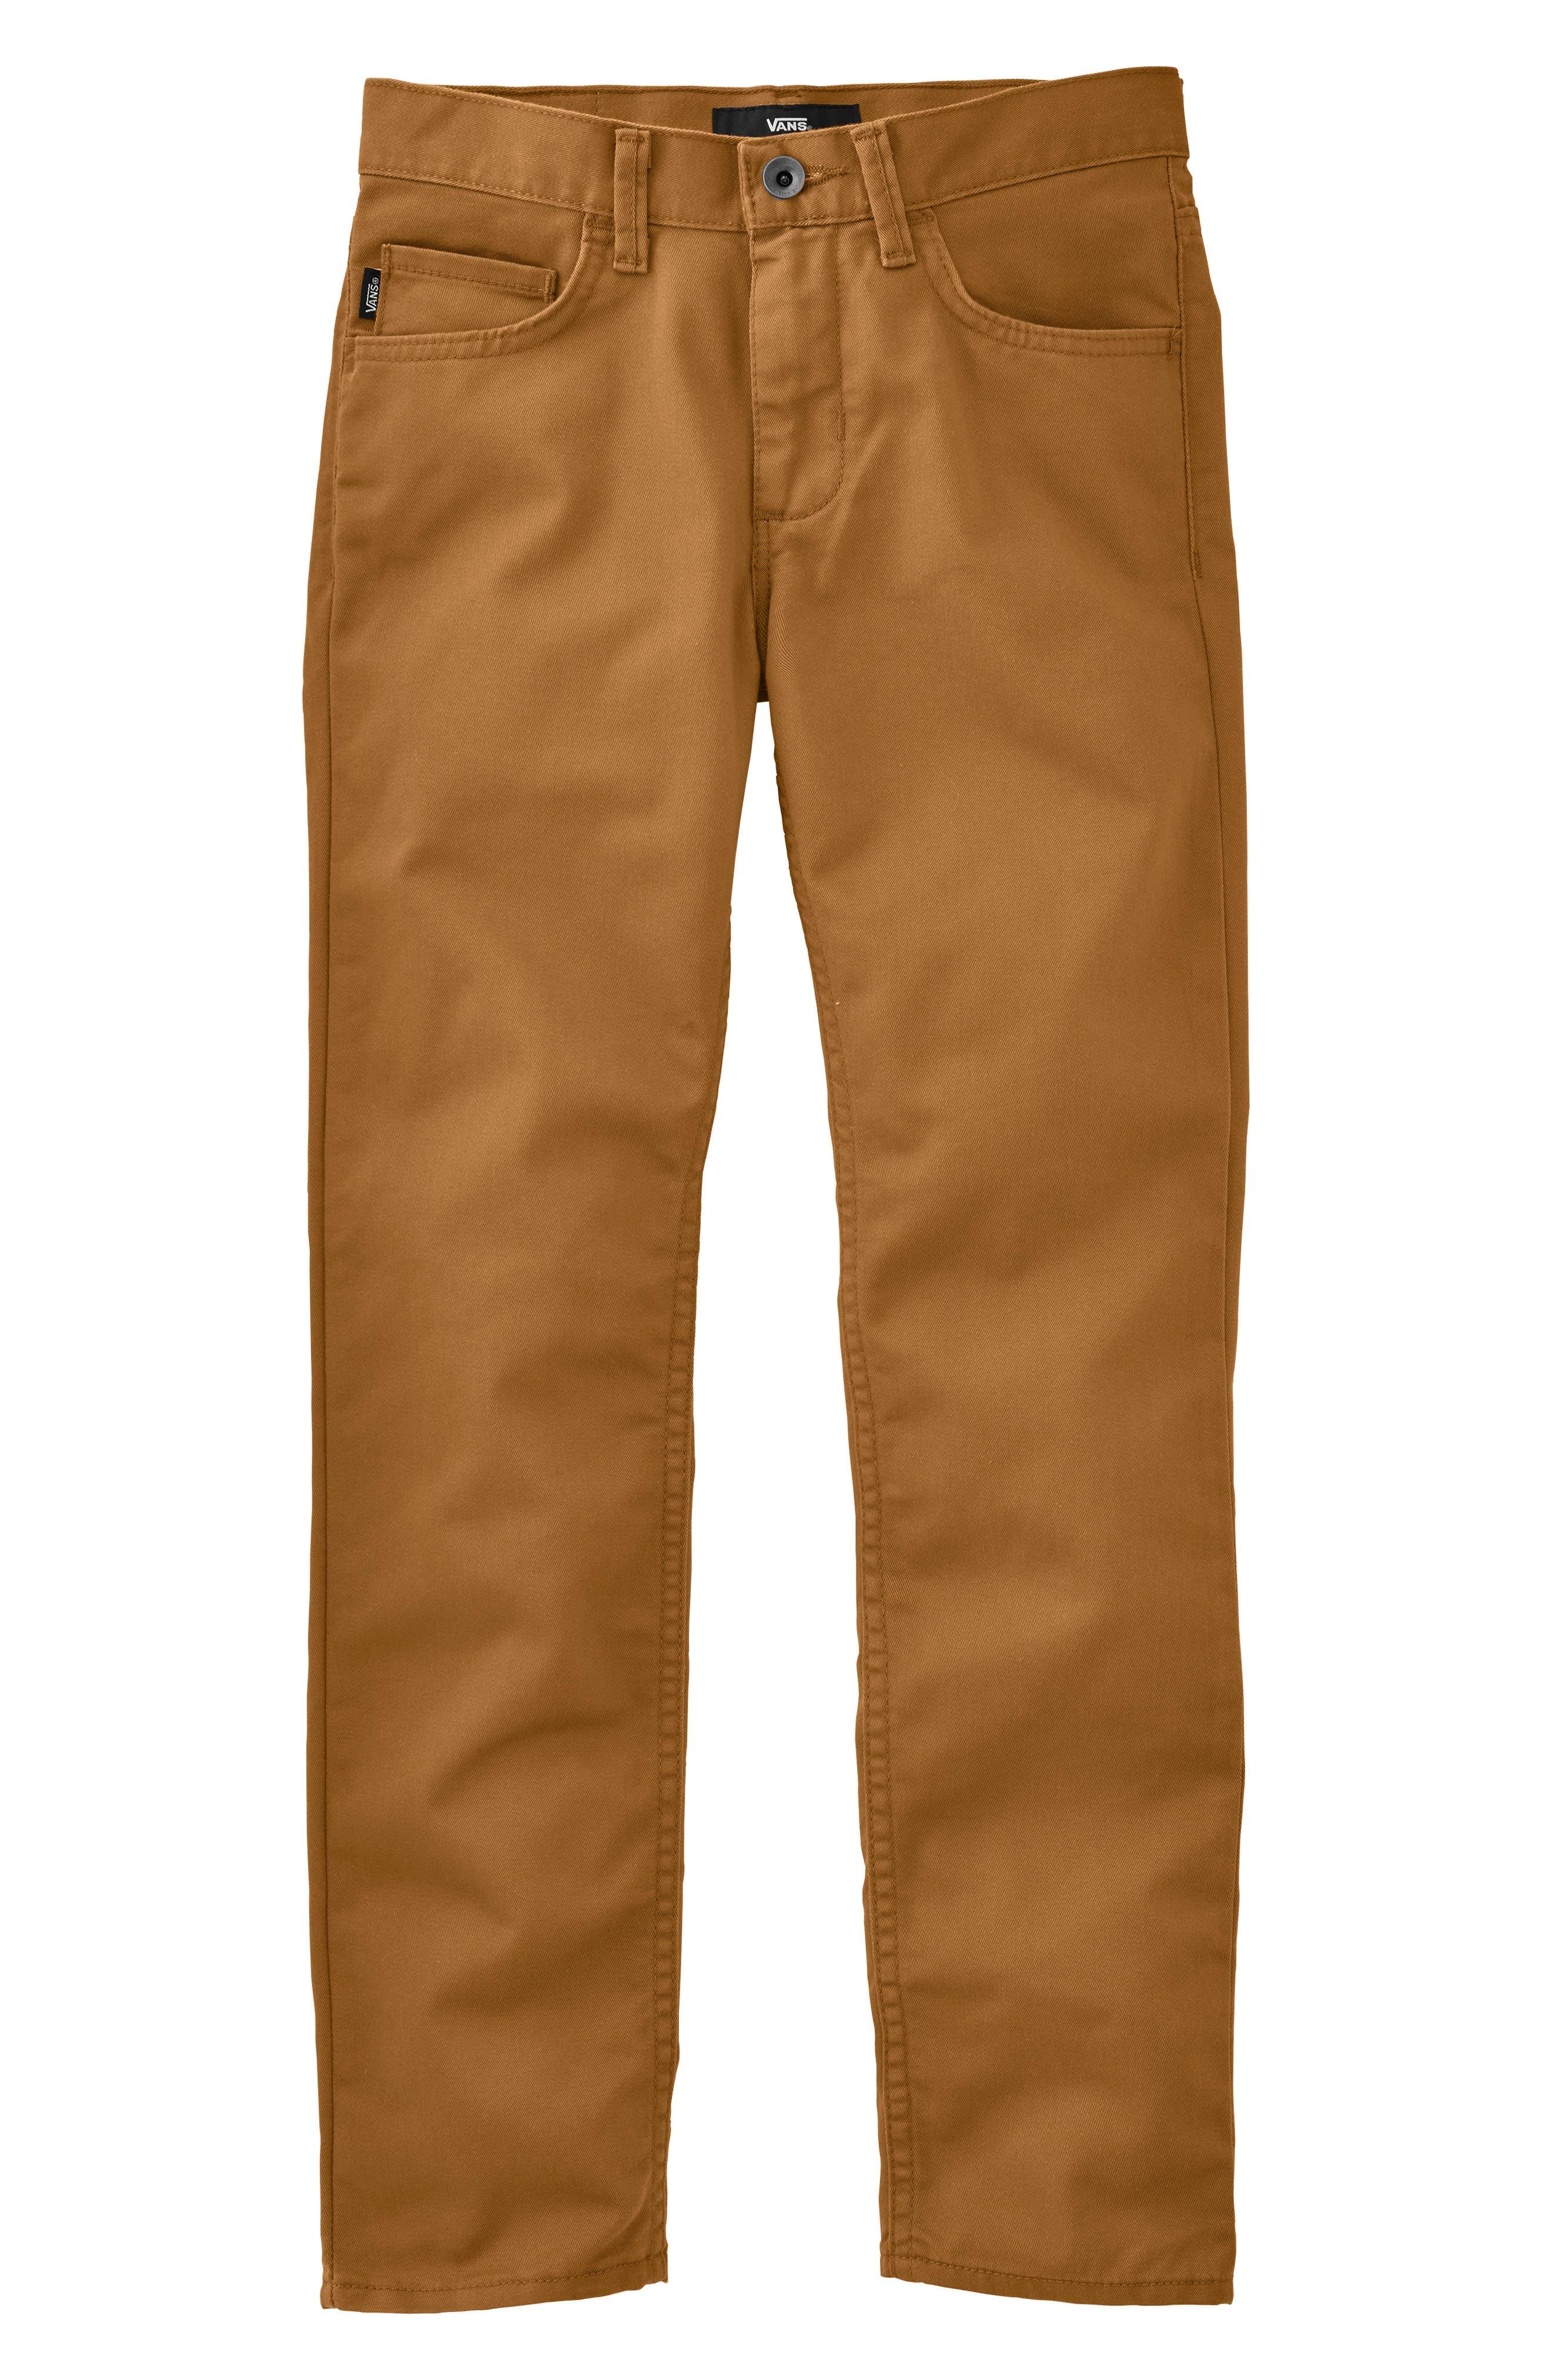 V56 Standard AV Covina II Pants,                         Main,                         color, RUBBER